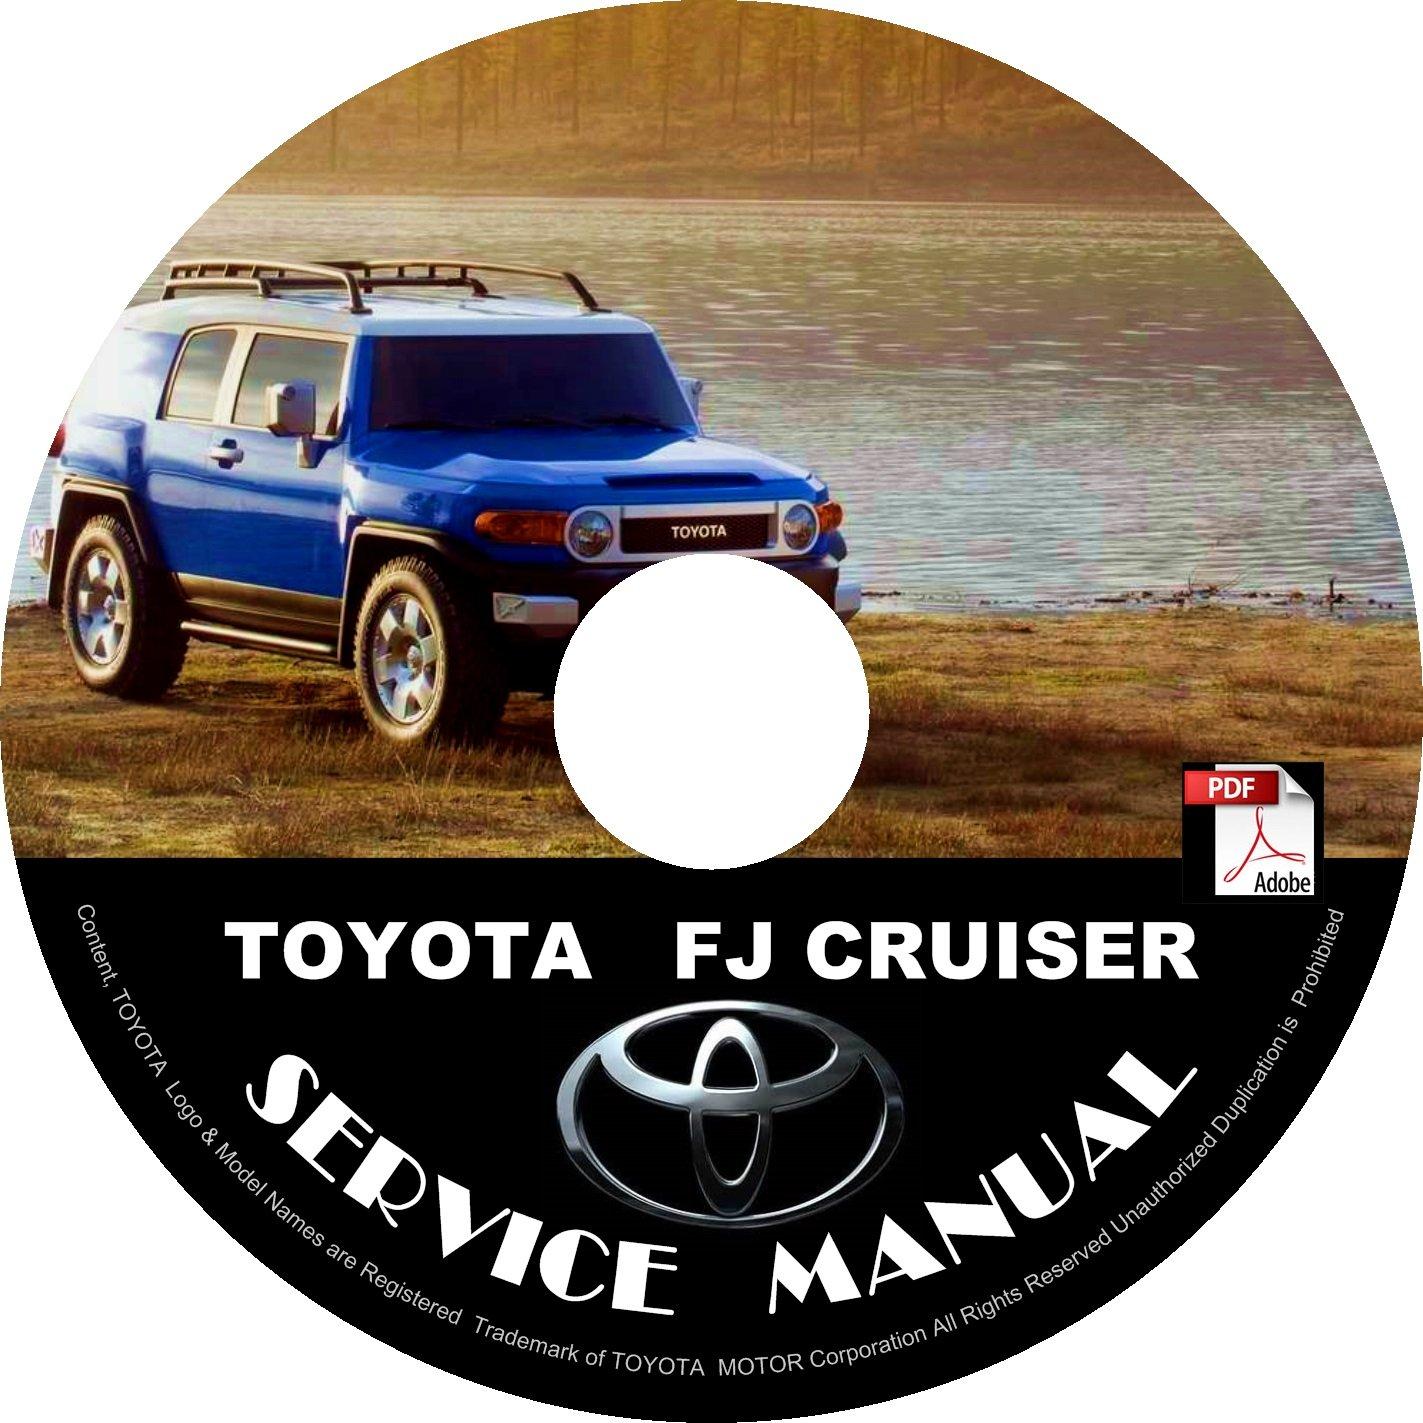 2007 Toyota FJ Cruiser Factory Service Repair Shop Manual on CD Fix Repair Rebuilt 07 Workshop